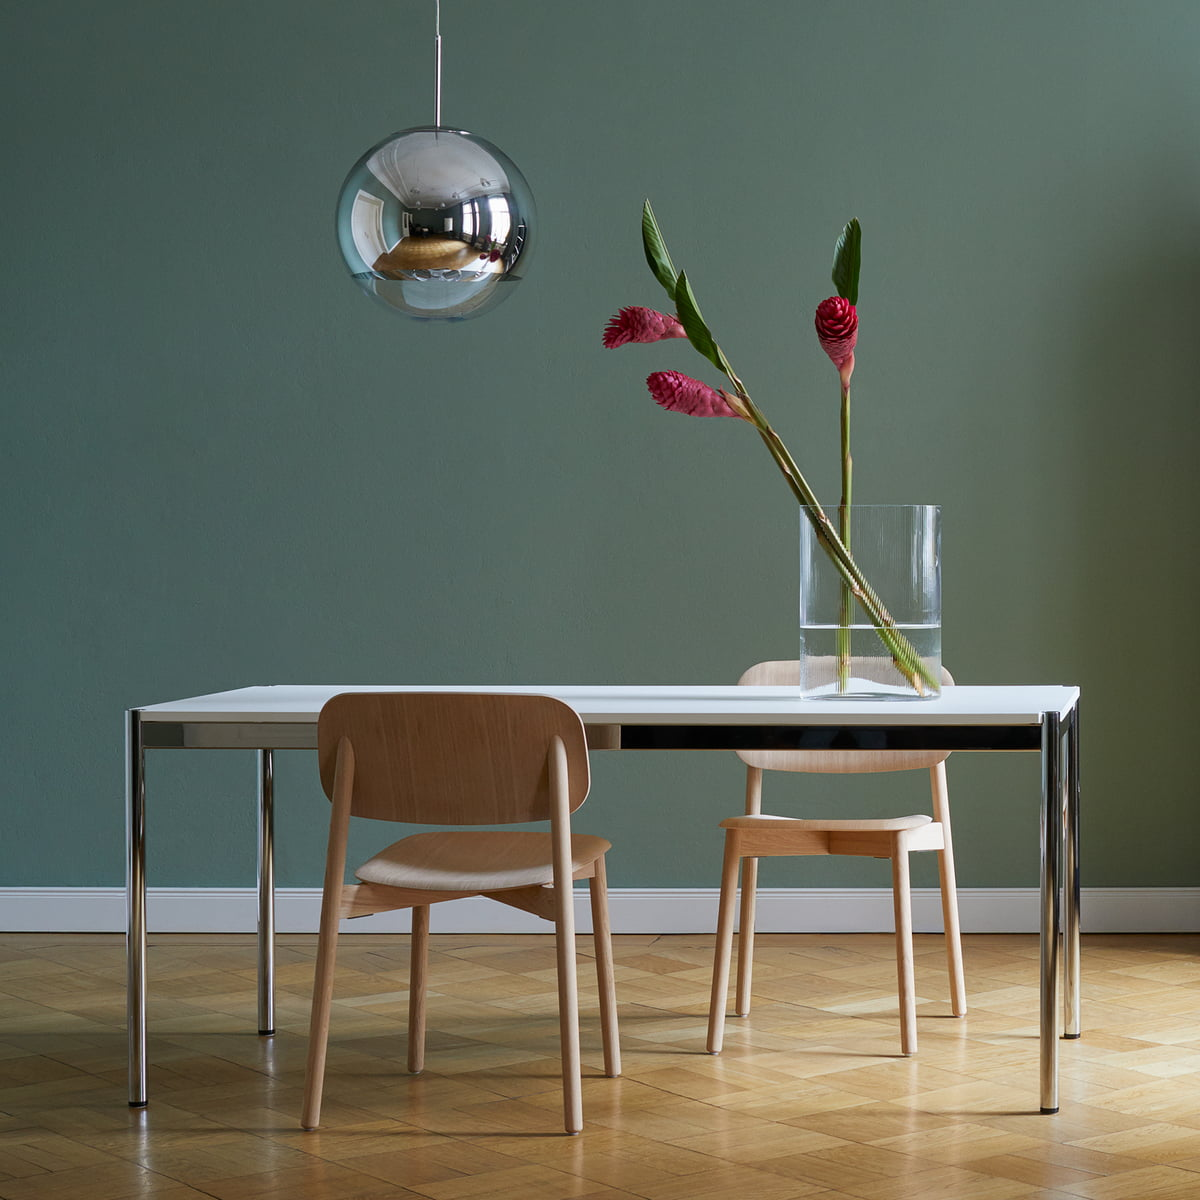 chrom esstisch von usm haller connox. Black Bedroom Furniture Sets. Home Design Ideas